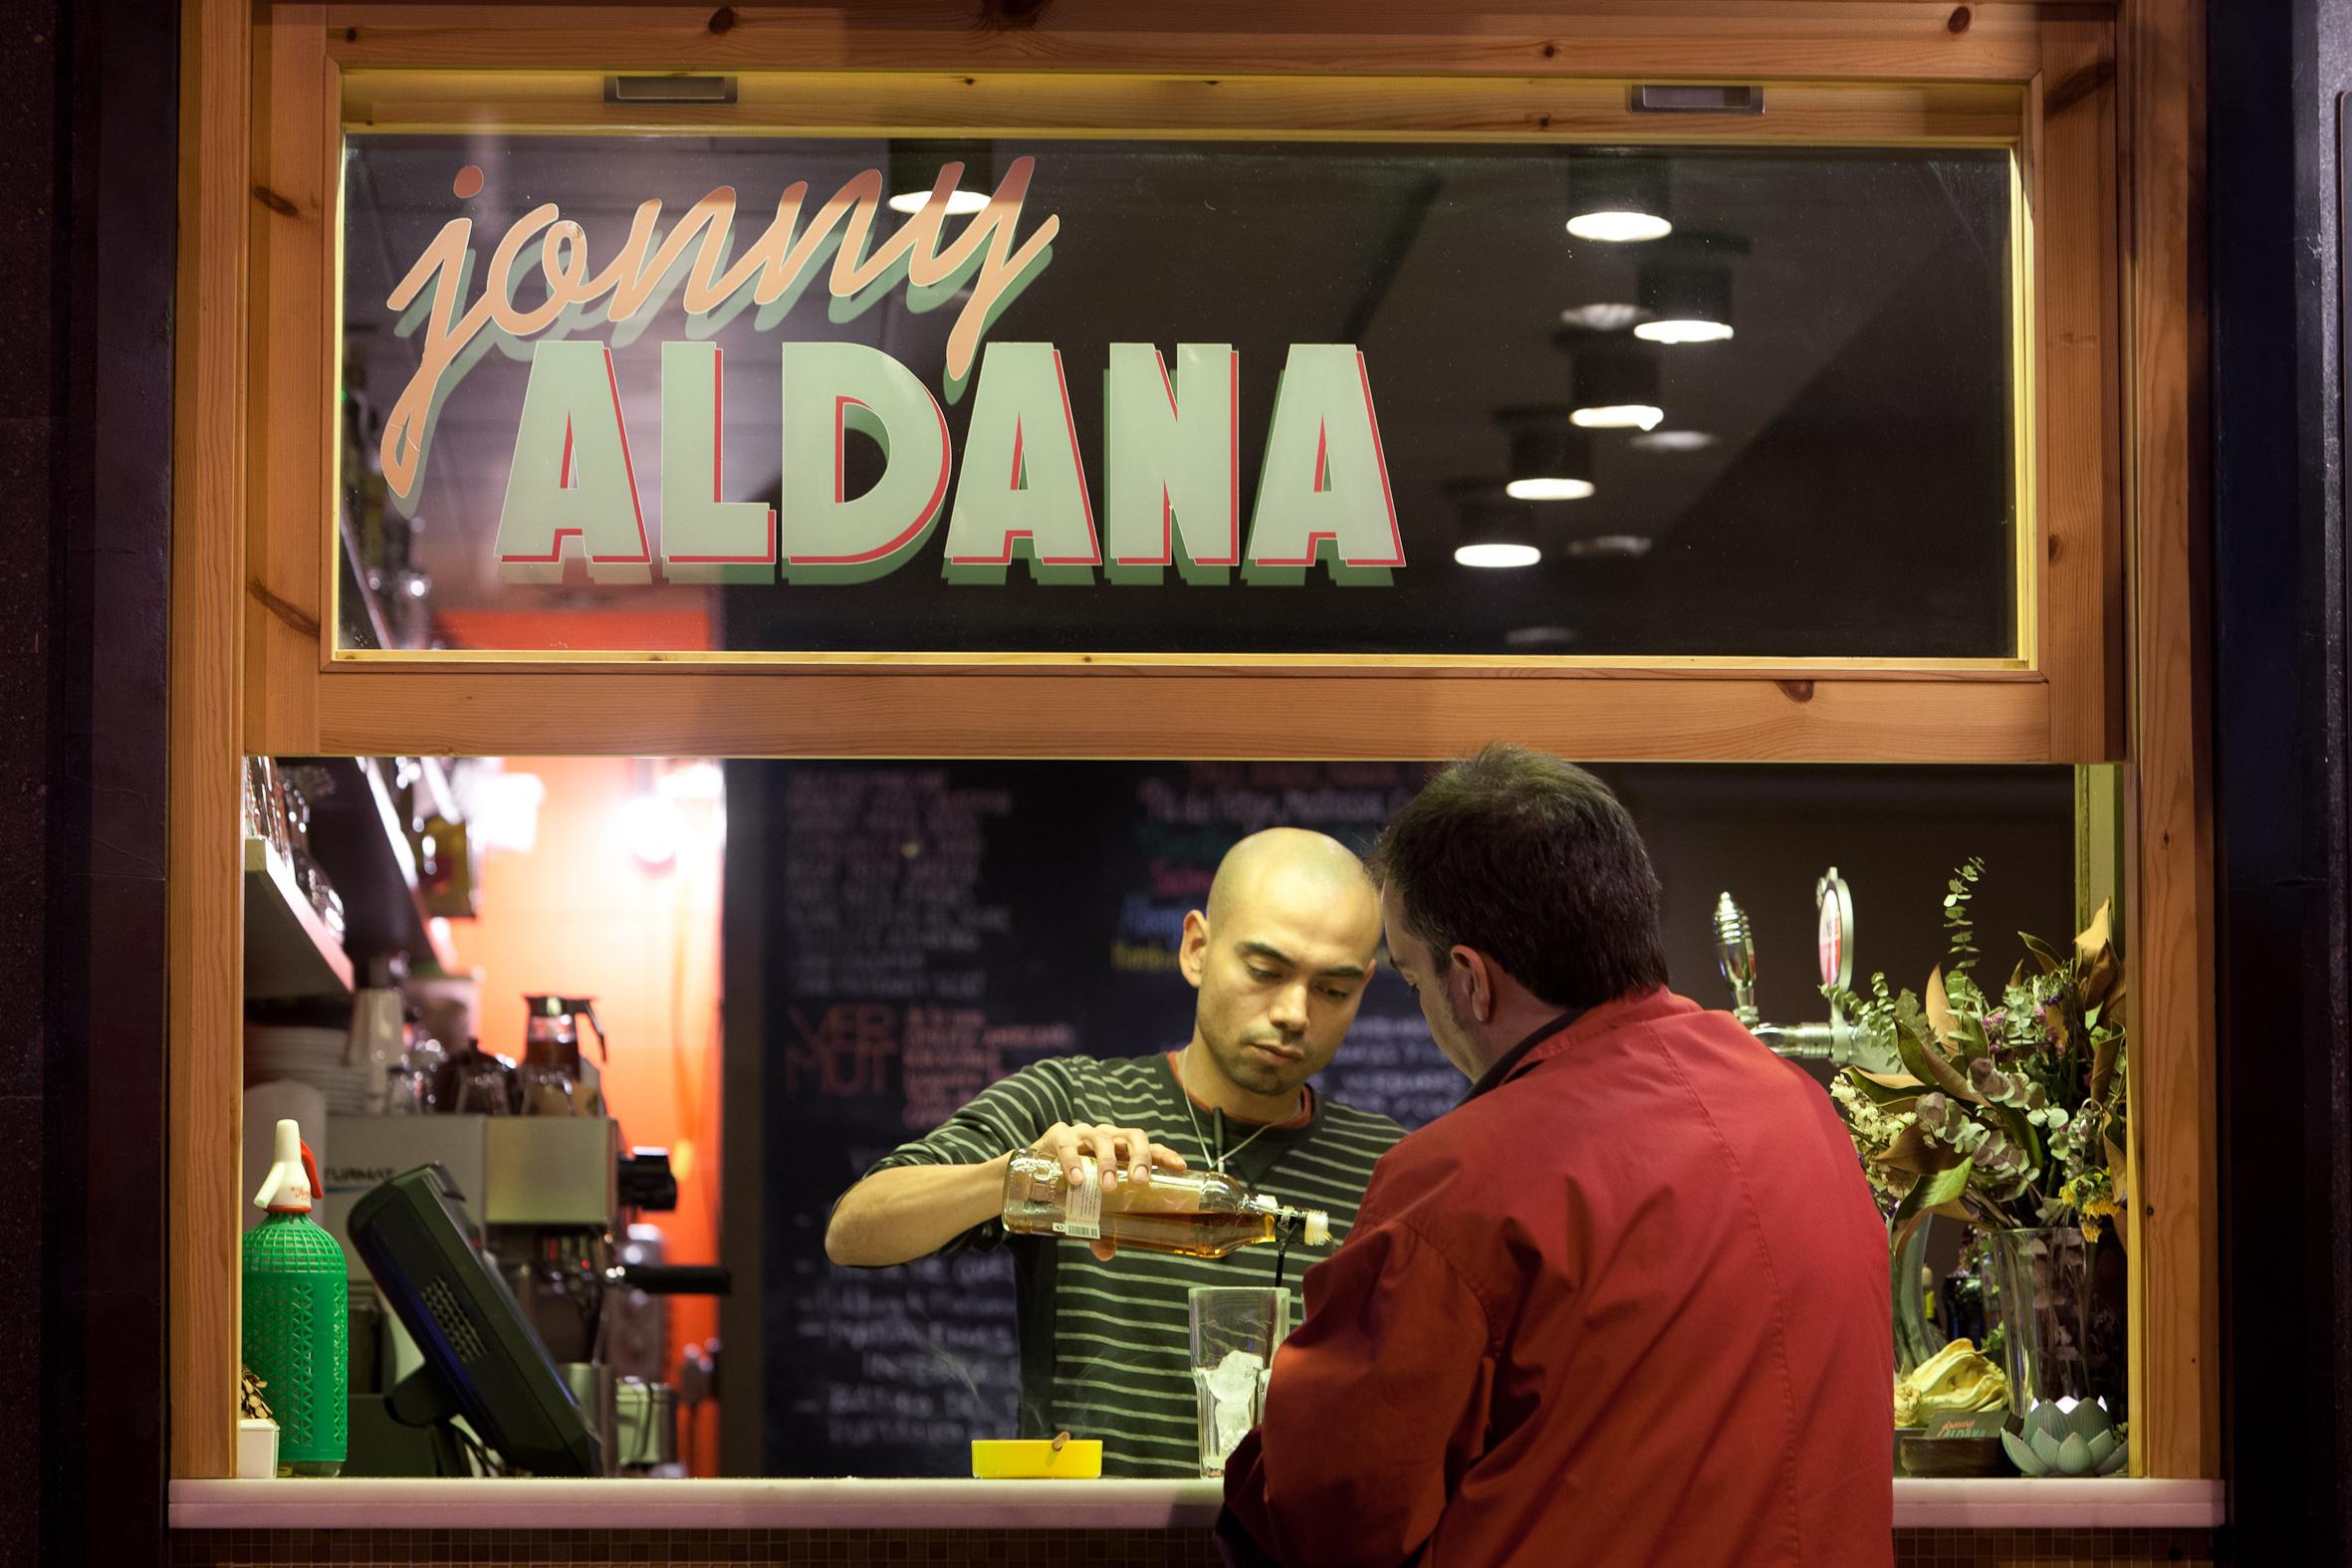 Jonny Aldana